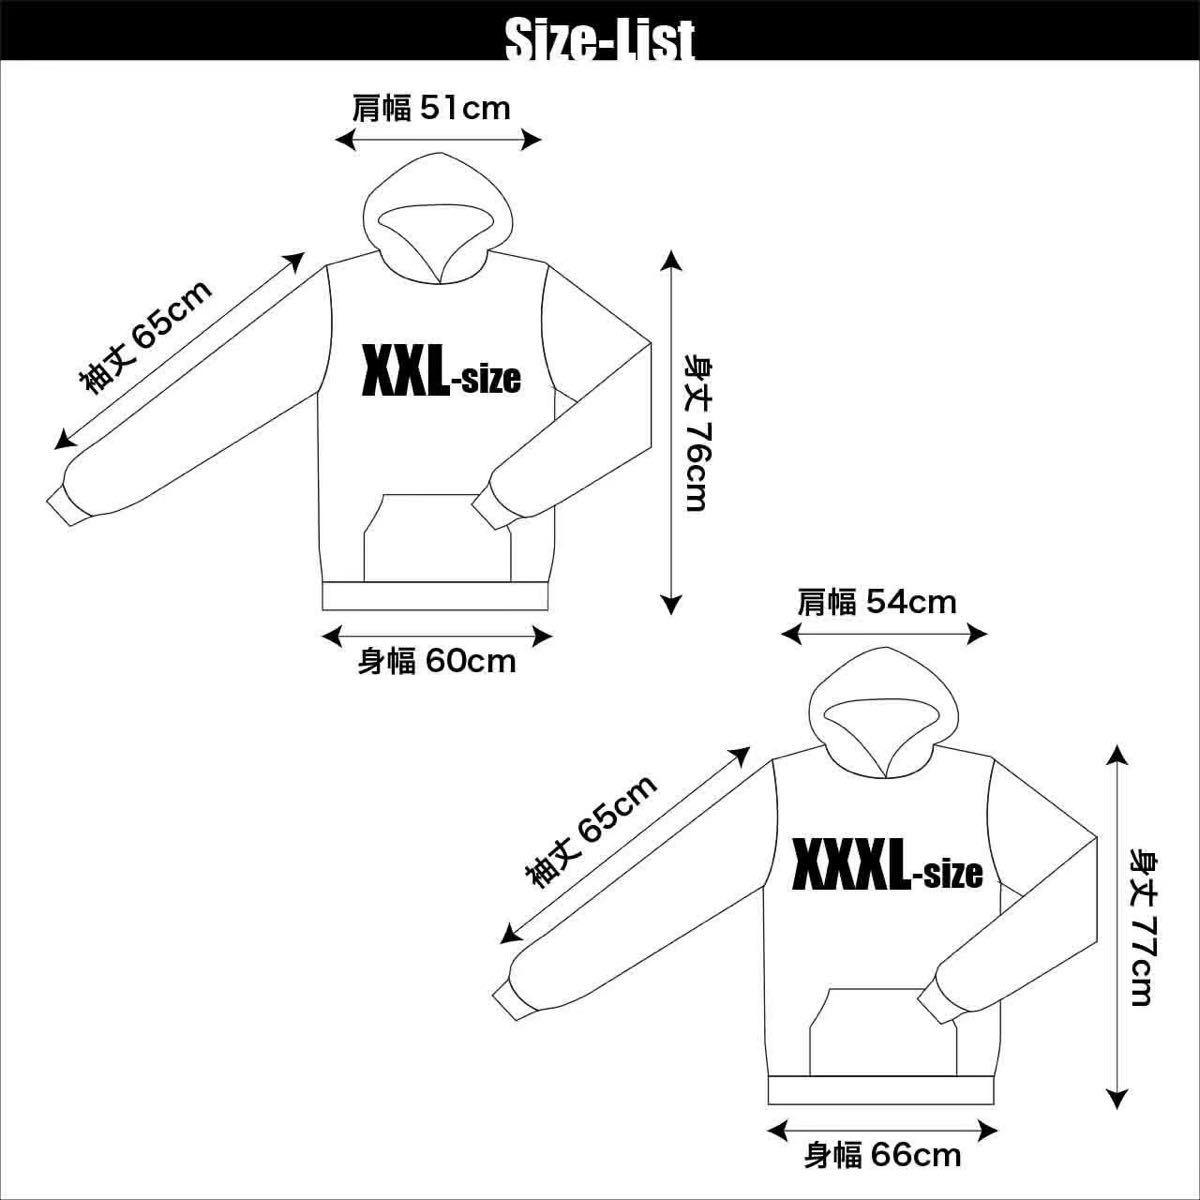 新品 NIRVANA ニルヴァーナ カートコバーン スマイリー グランジ バンド Tシャツ S M L XL ビッグ オーバー サイズ XXL~5XL 黒 パーカー 可_画像9